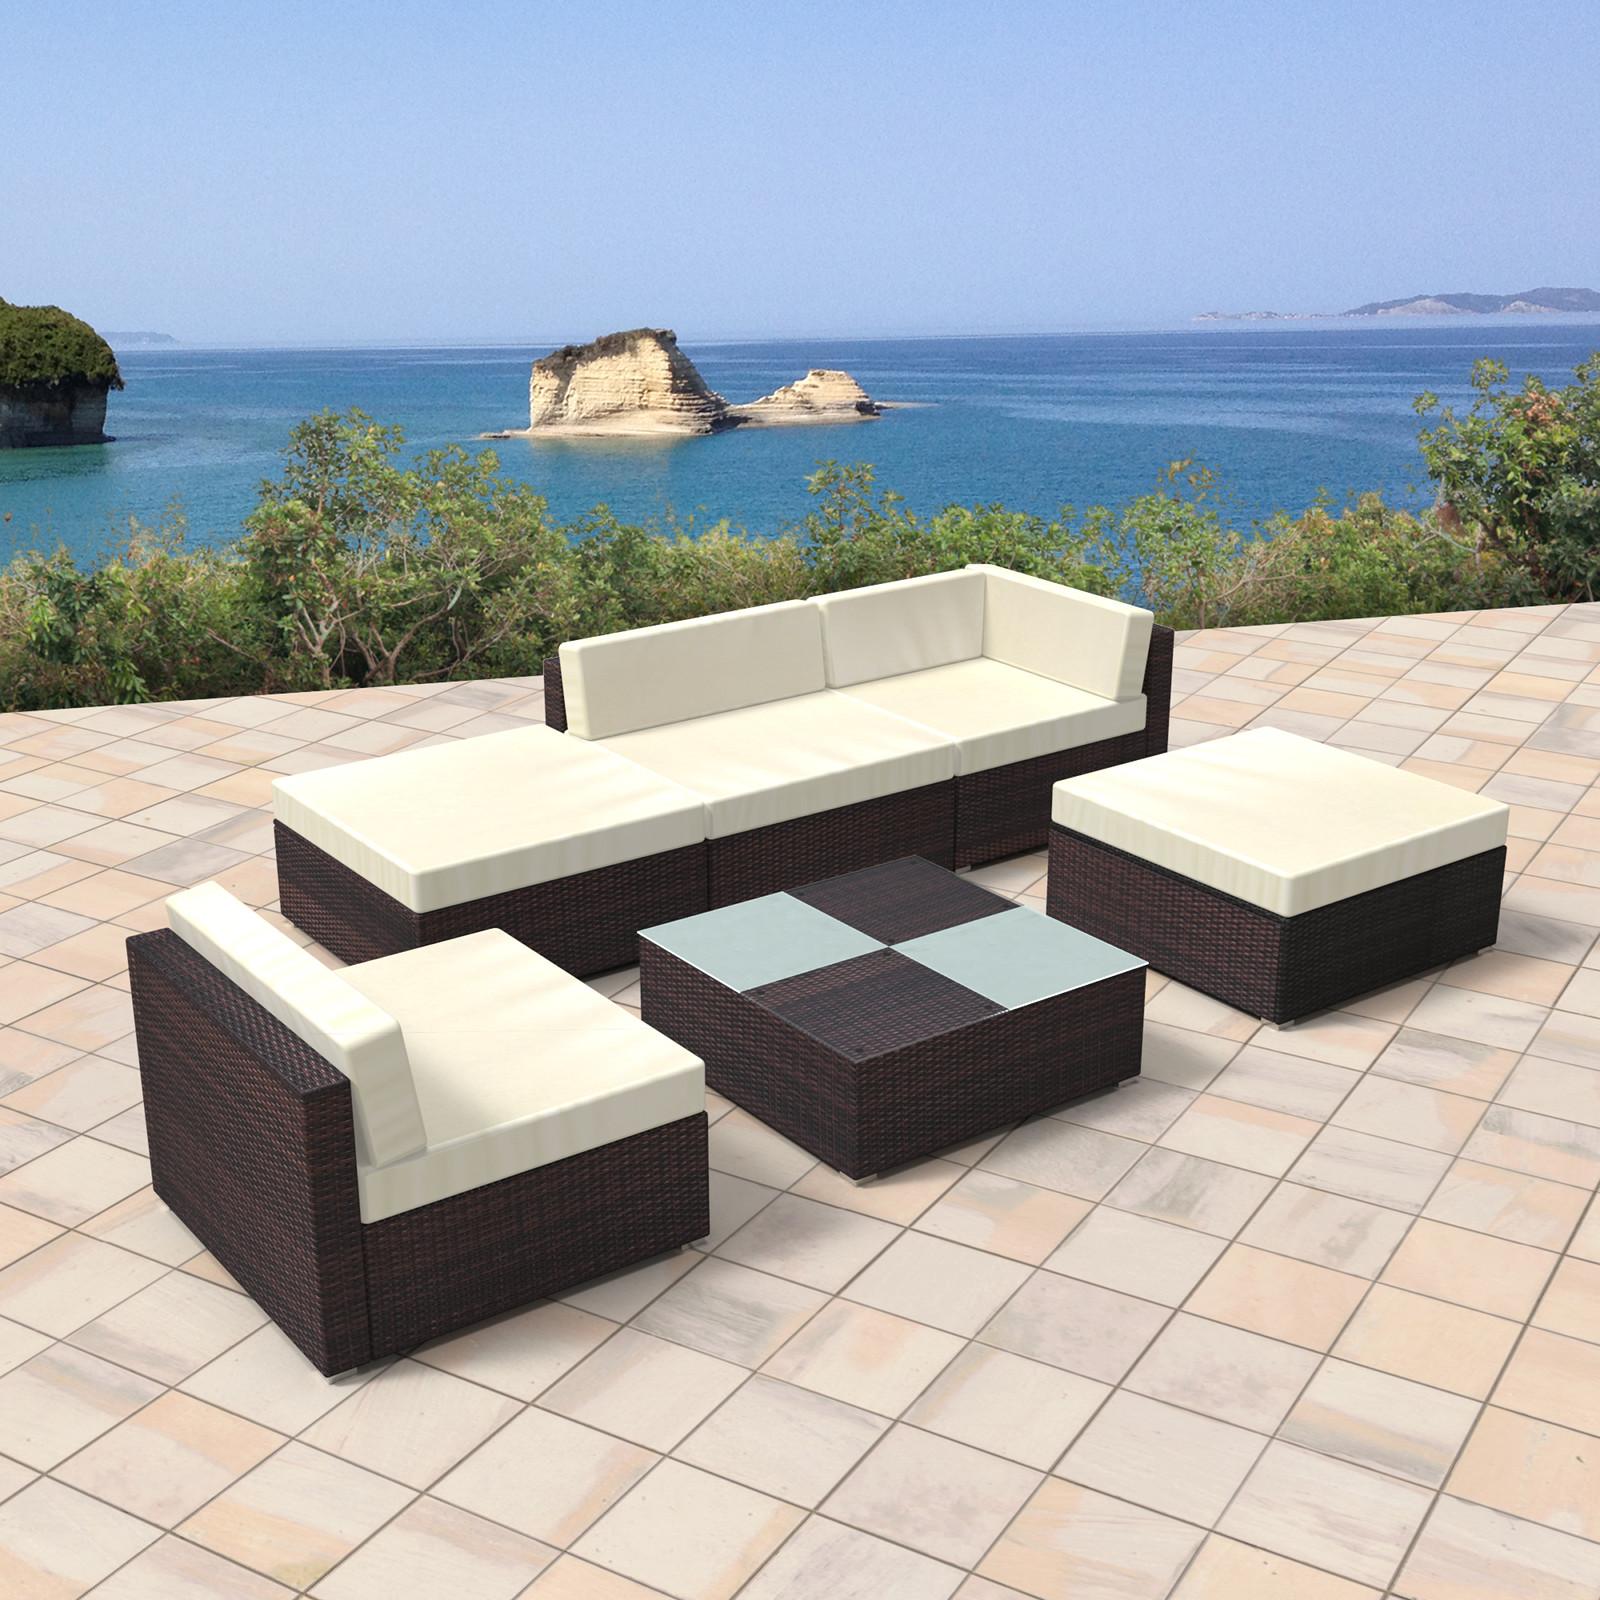 Paket Rattan Gartenmobel Lounge Set Gemutliche 6 Teilige Sitzgruppe Fur Balkon Polyrattan Gartengarnitur Inkl Tisch Und Hocker B Ware